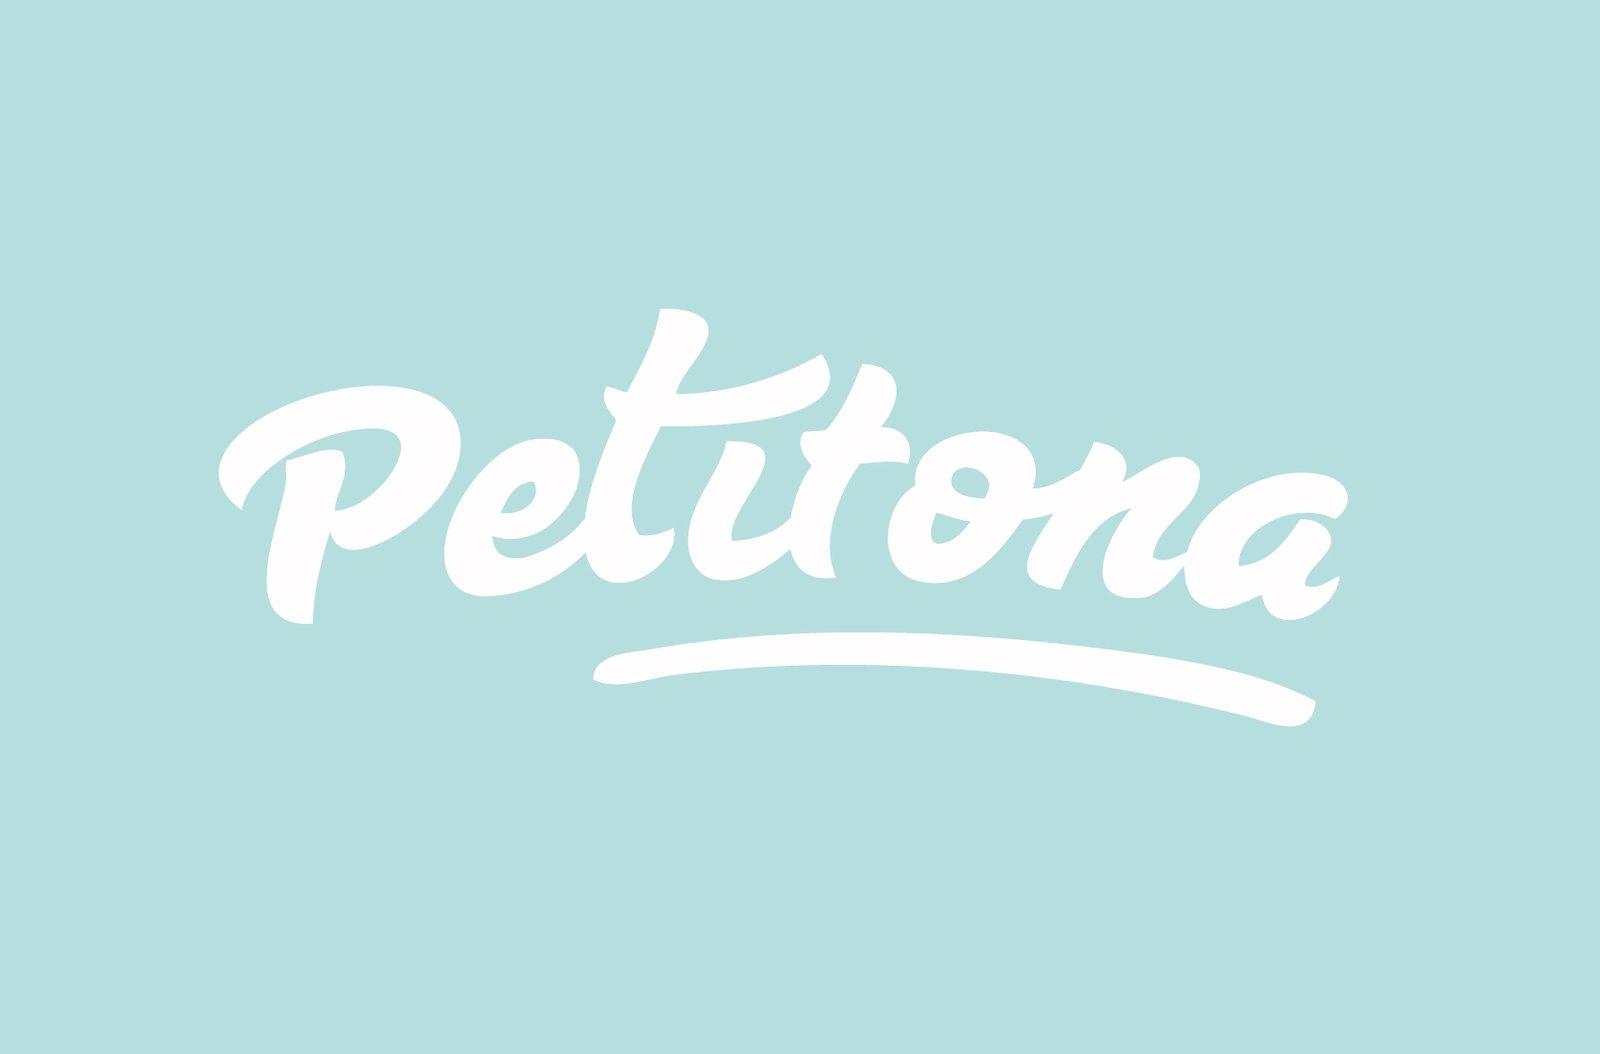 Petitona